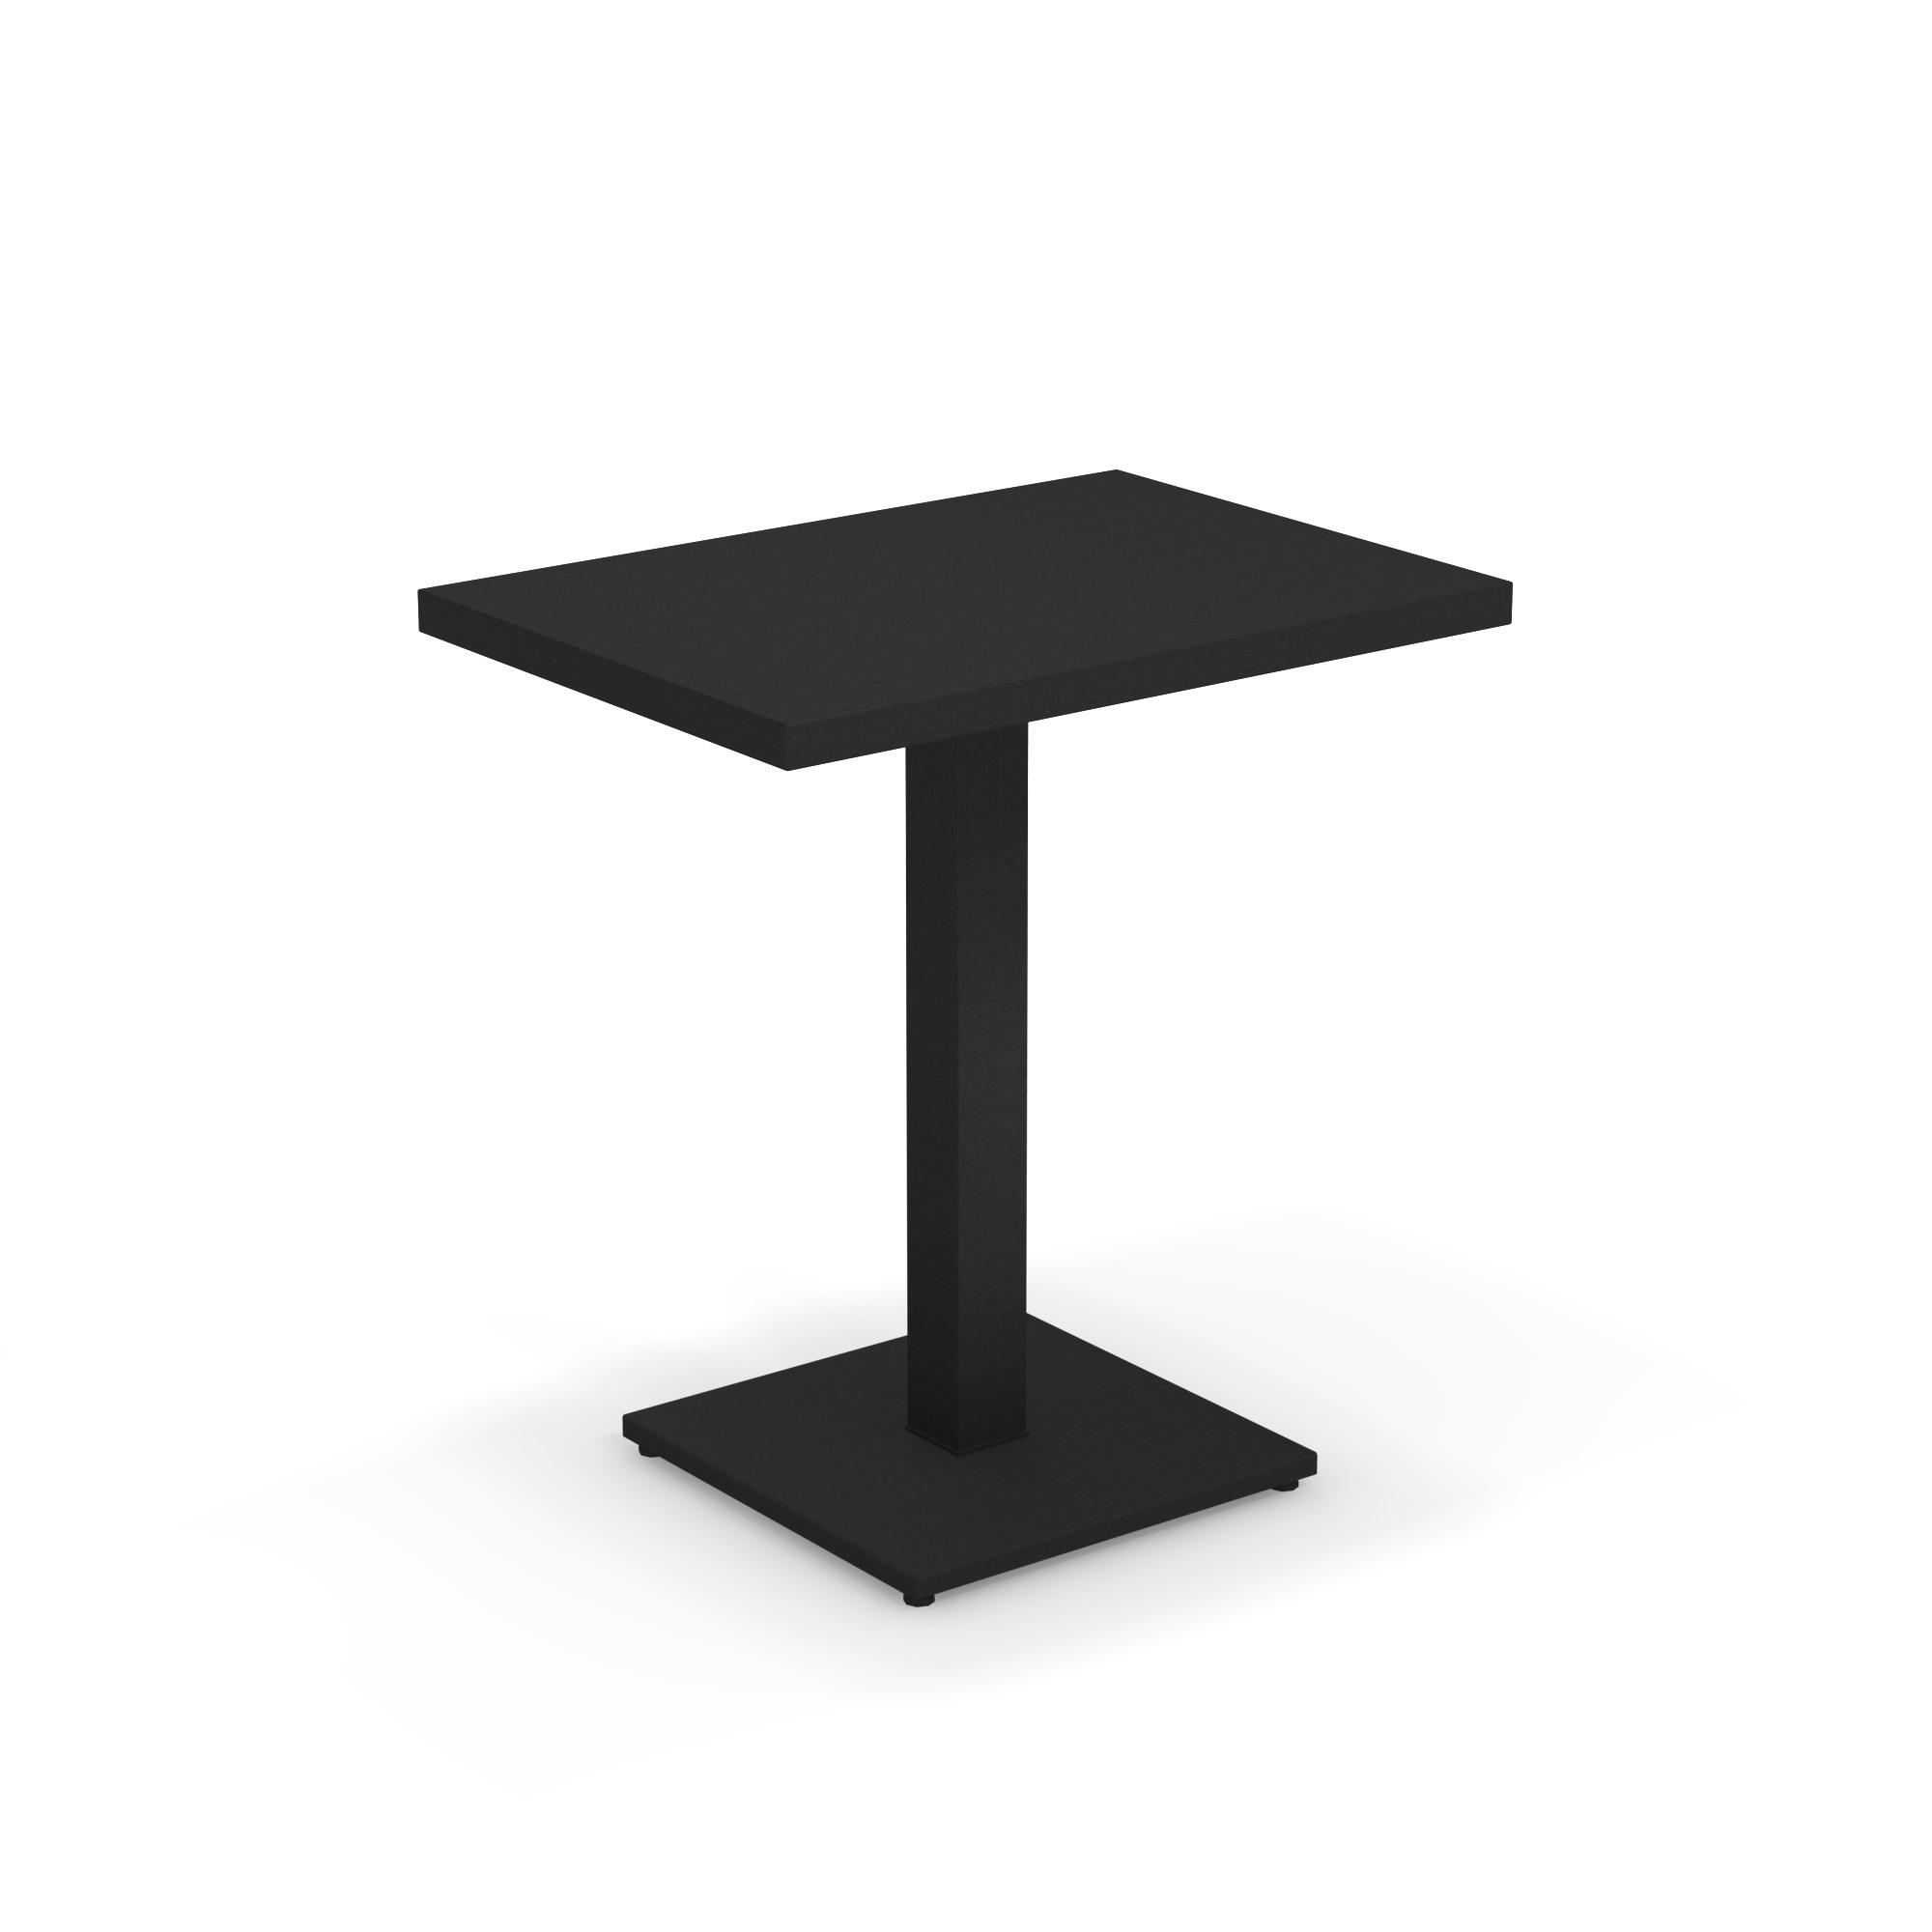 Round Tavolo Allungabile Emu.Round Tavolo Rettangolare 70x50 Cod 476 Emu Store Outlet